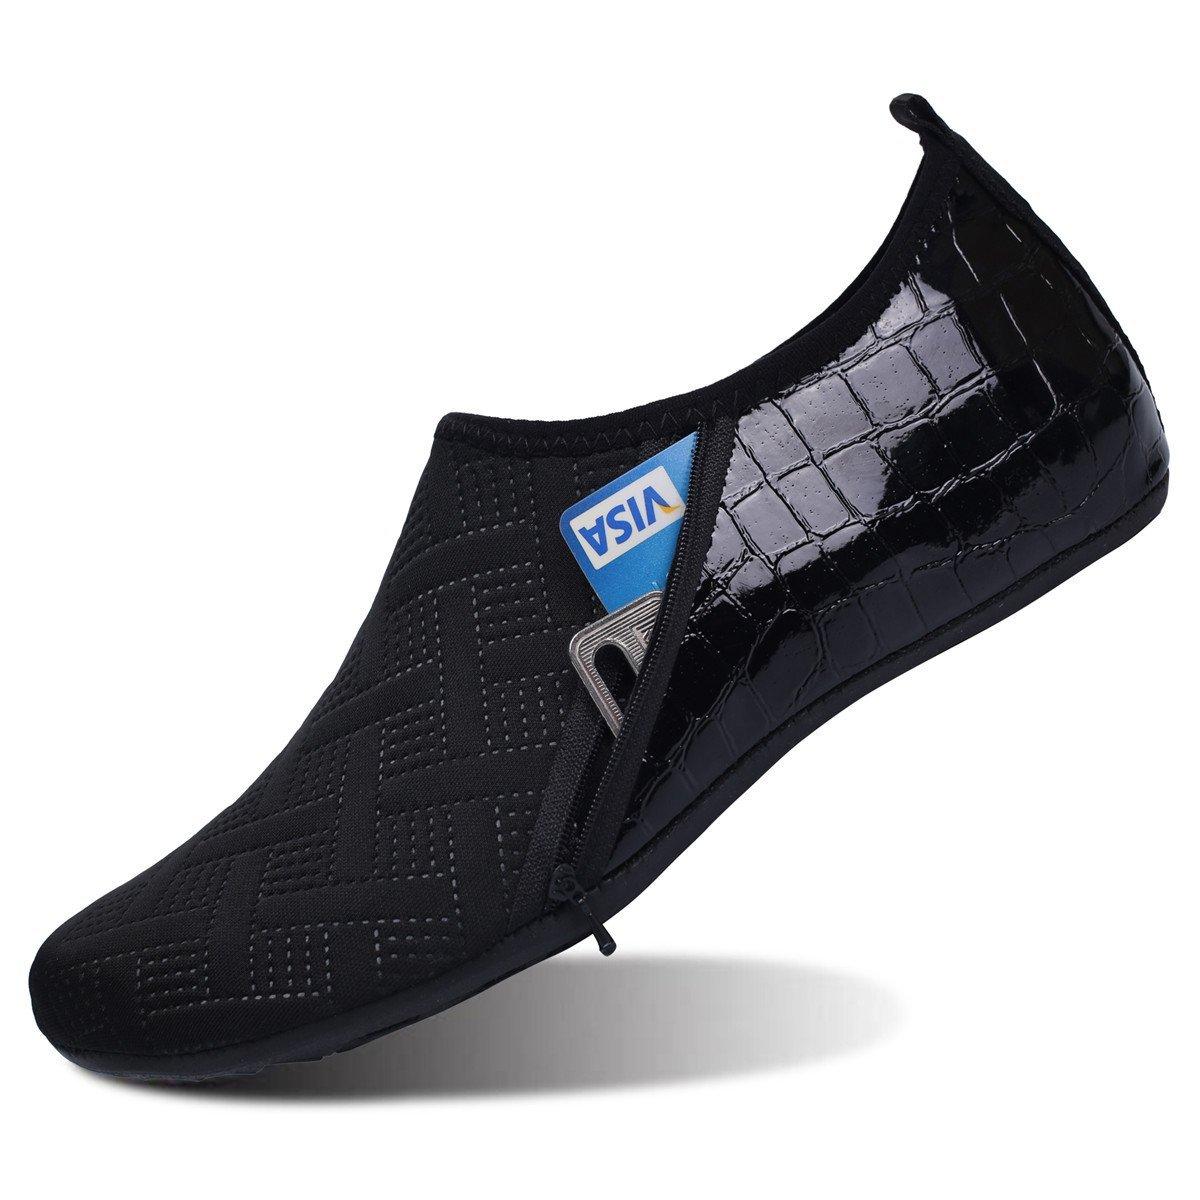 JIASUQI Womens Casual Barefoot Water Shoes for Beach Pool Surf Zip Black US 9.5-10.5 Women, 8.5-9 Men